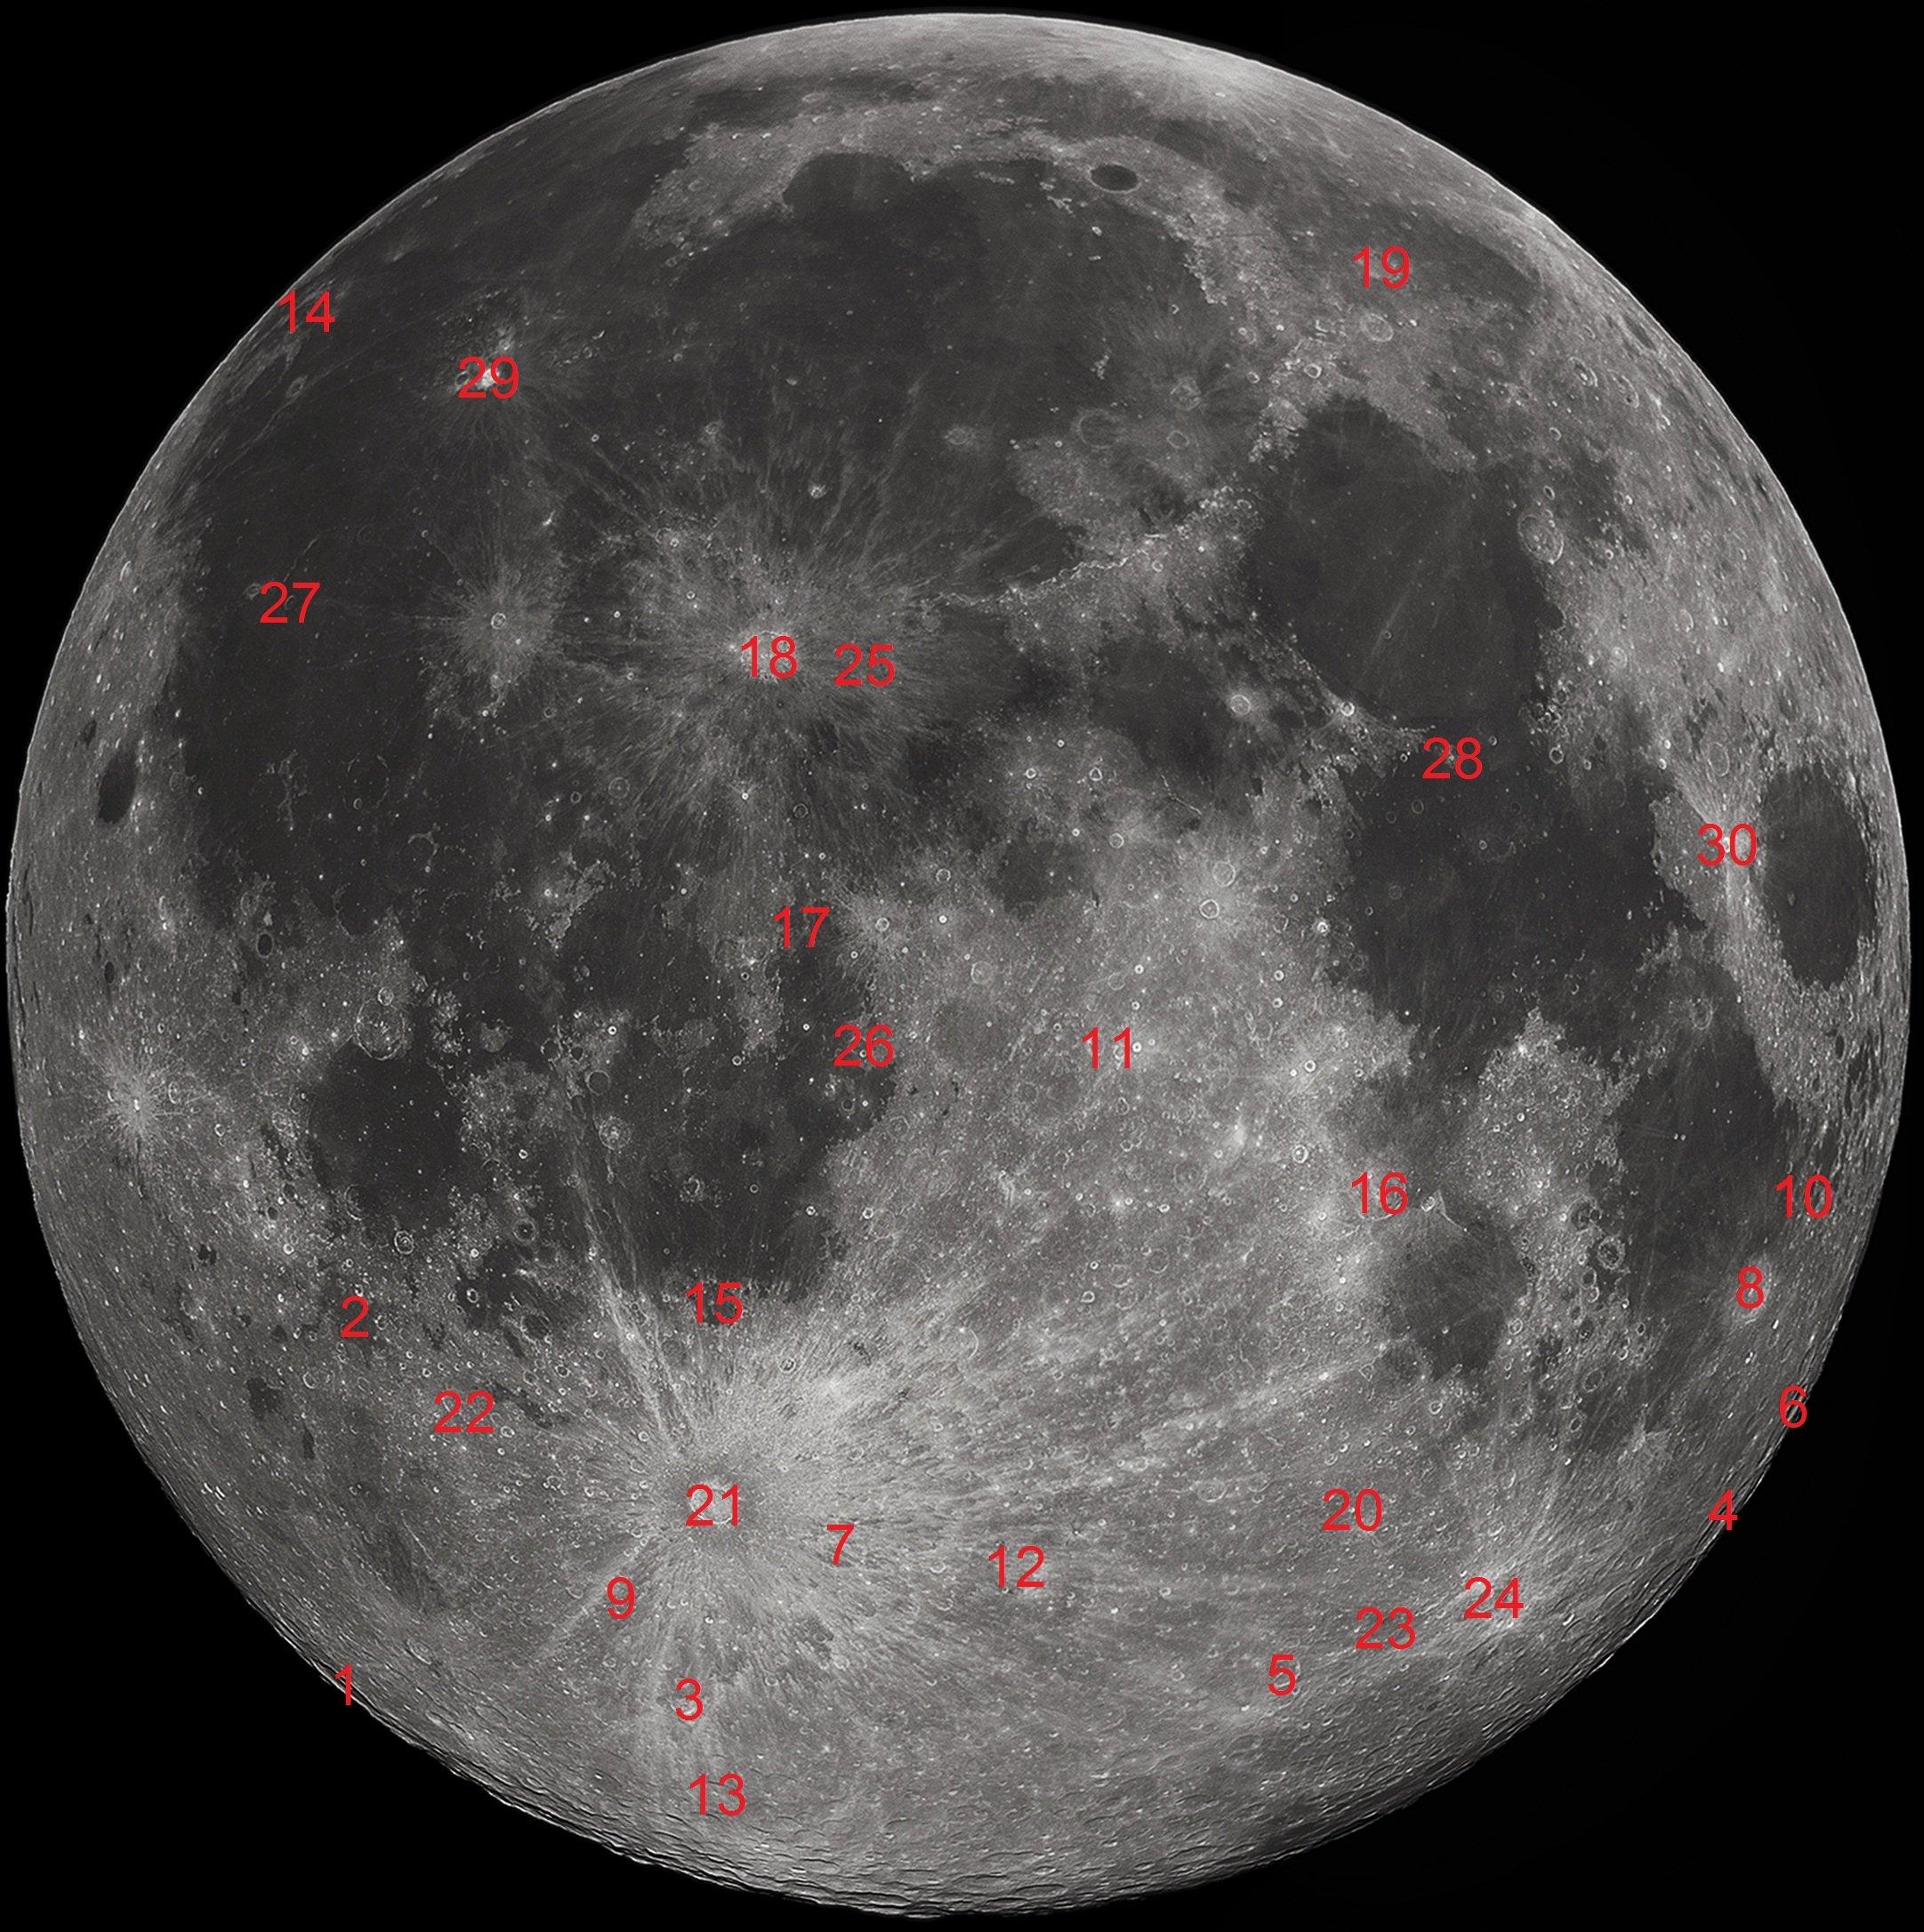 Карта кратеров сгруппированных по их размеру